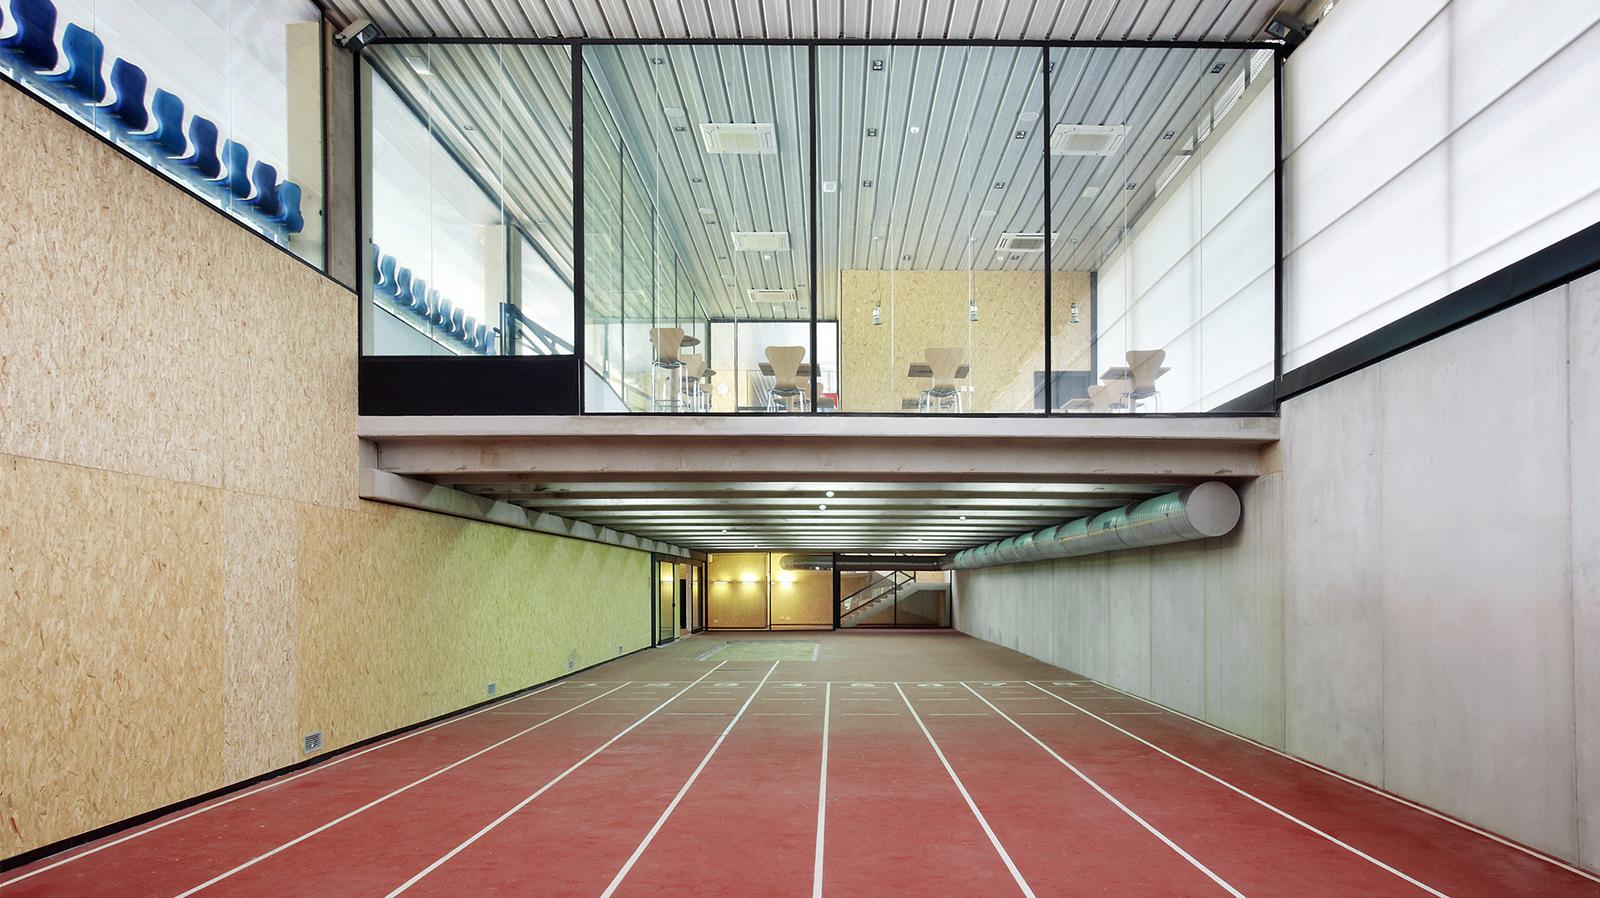 Entrena atletismo en Mallorca , Athletics track in Mallorca